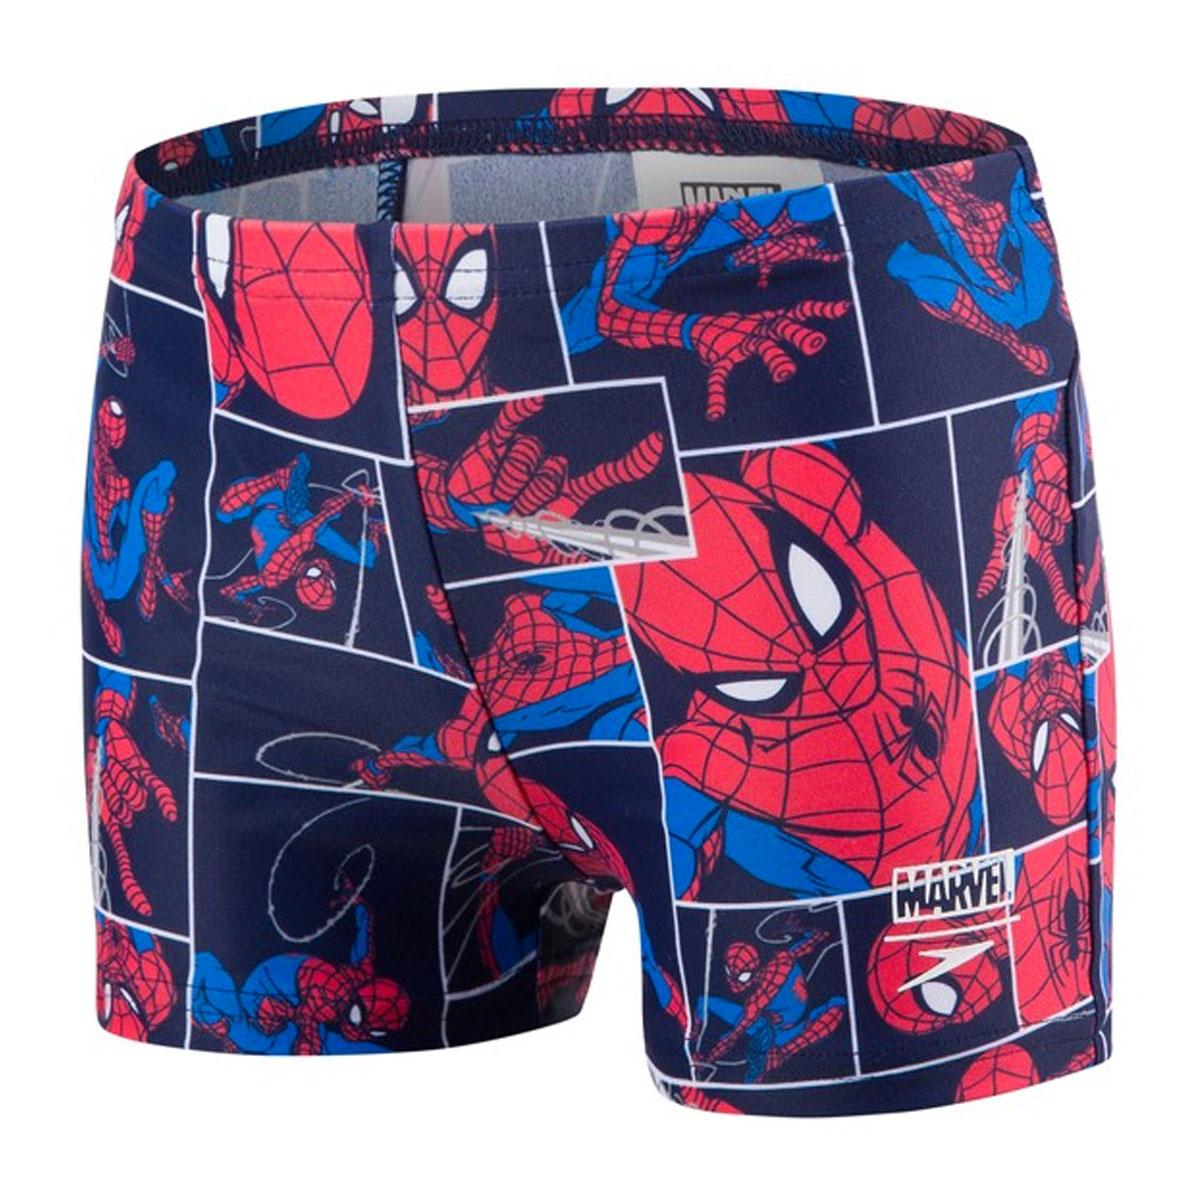 Spiderman Zwembroek.Speedo E10 Disney Marvel Spiderman Zwembroek Blauw Rood Online Kopen